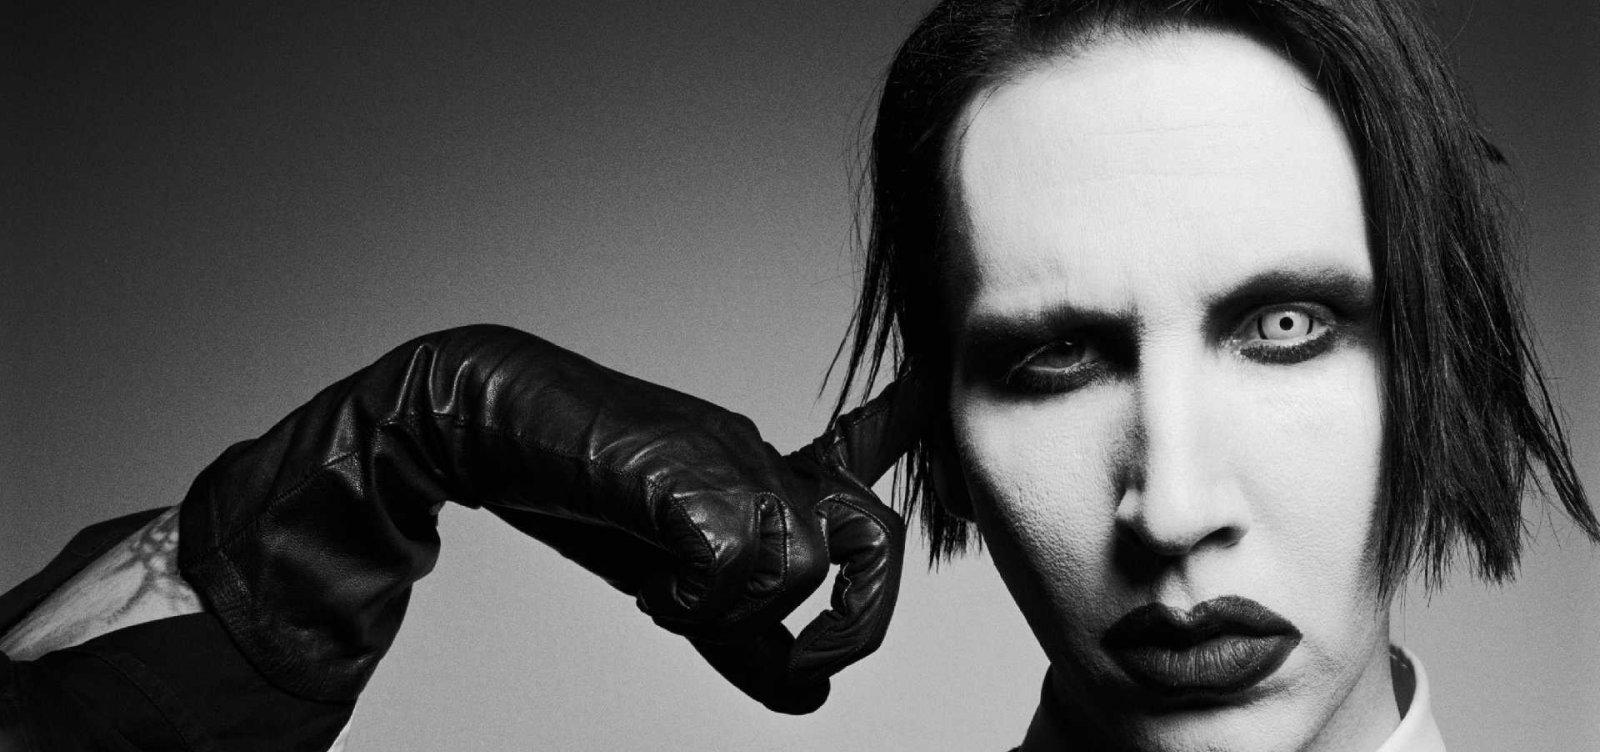 Marilyn Manson lança vibrador com seu rosto para o Halloween